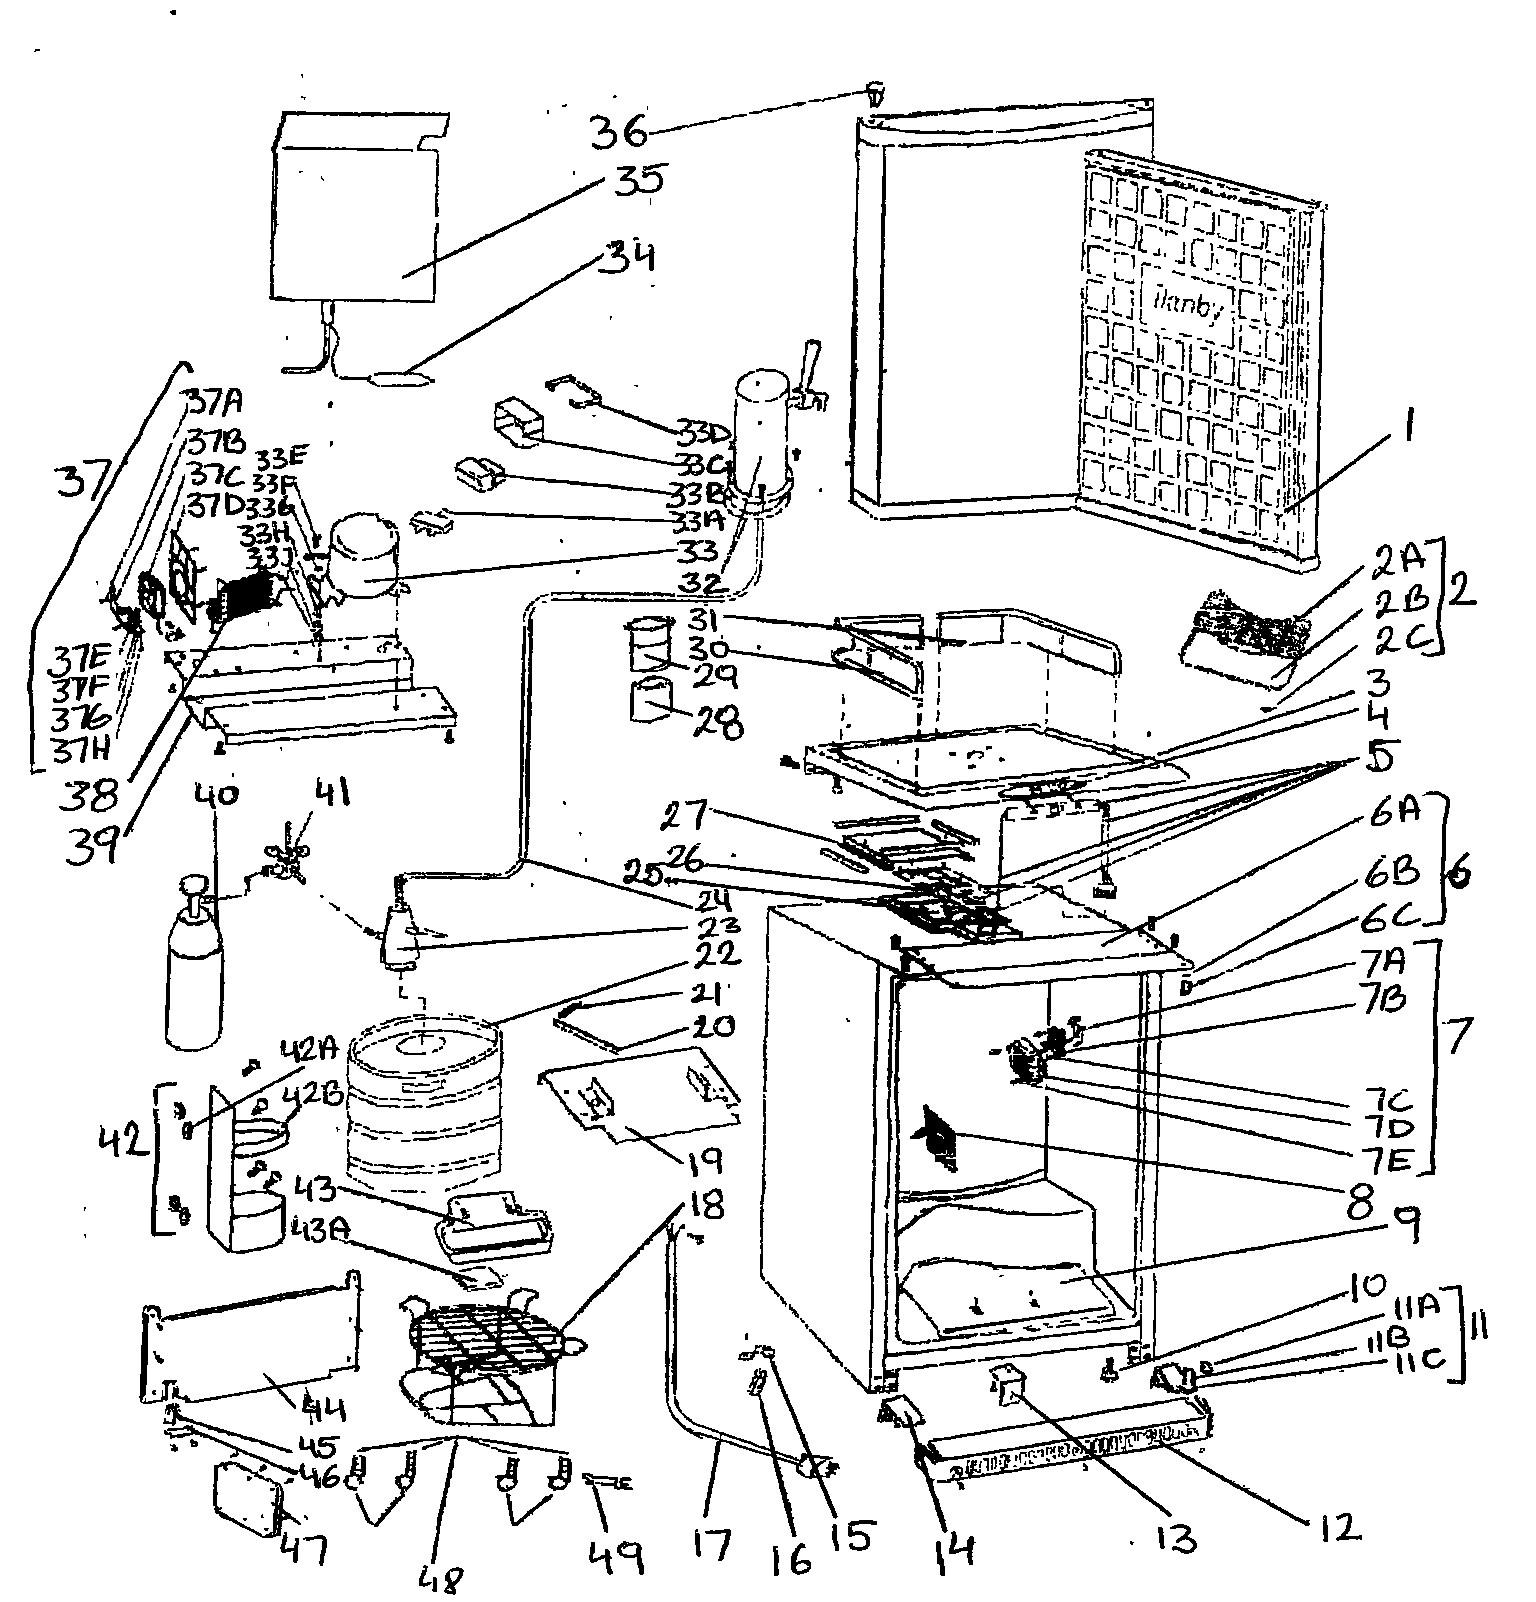 Danby Kegerator Parts Diagram Looking for Danby Model Dkc644bls Wine & Beverage Cooler Repair Of Danby Kegerator Parts Diagram